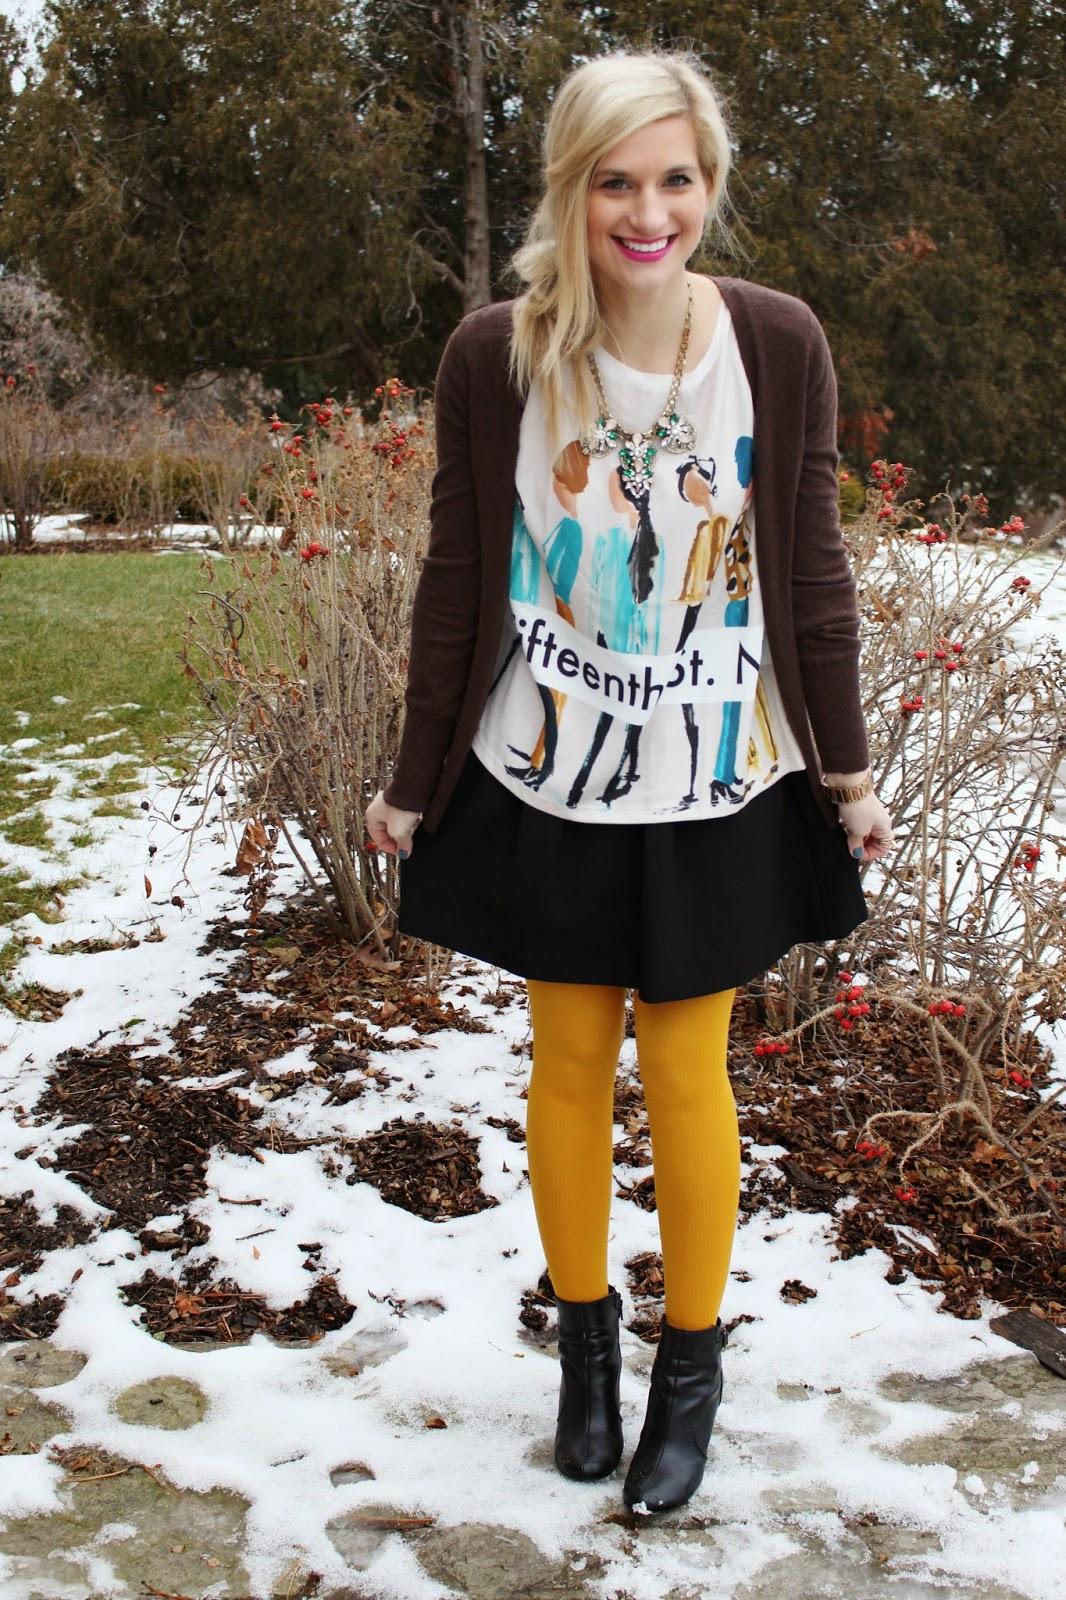 bijuleni - party skirt and Zara top